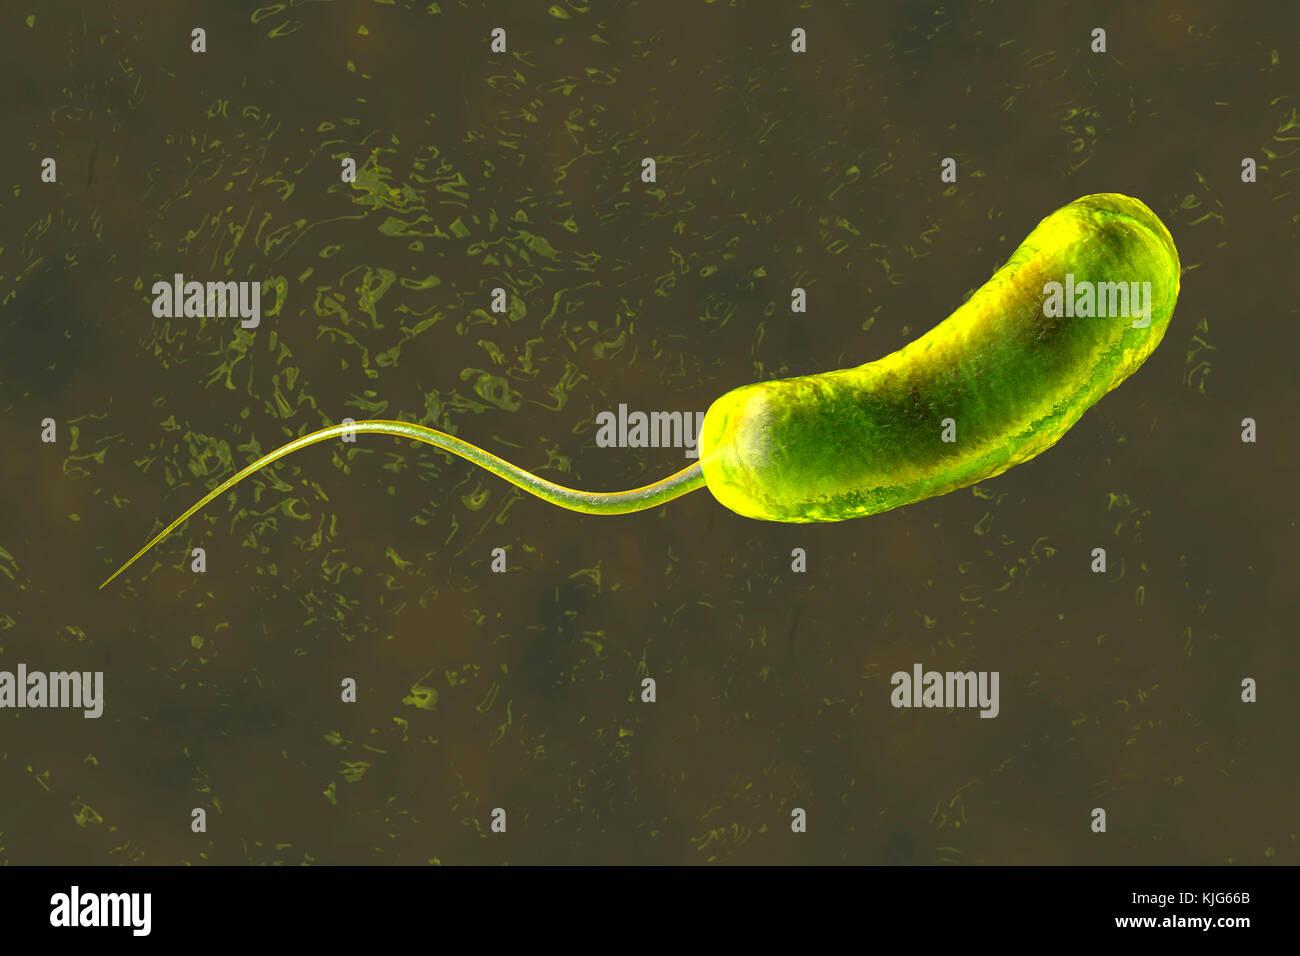 3D-Darstellung eines eine Konvergenz zu einem Bakterium Vibrio cholerae Cholera verursacht Stockbild